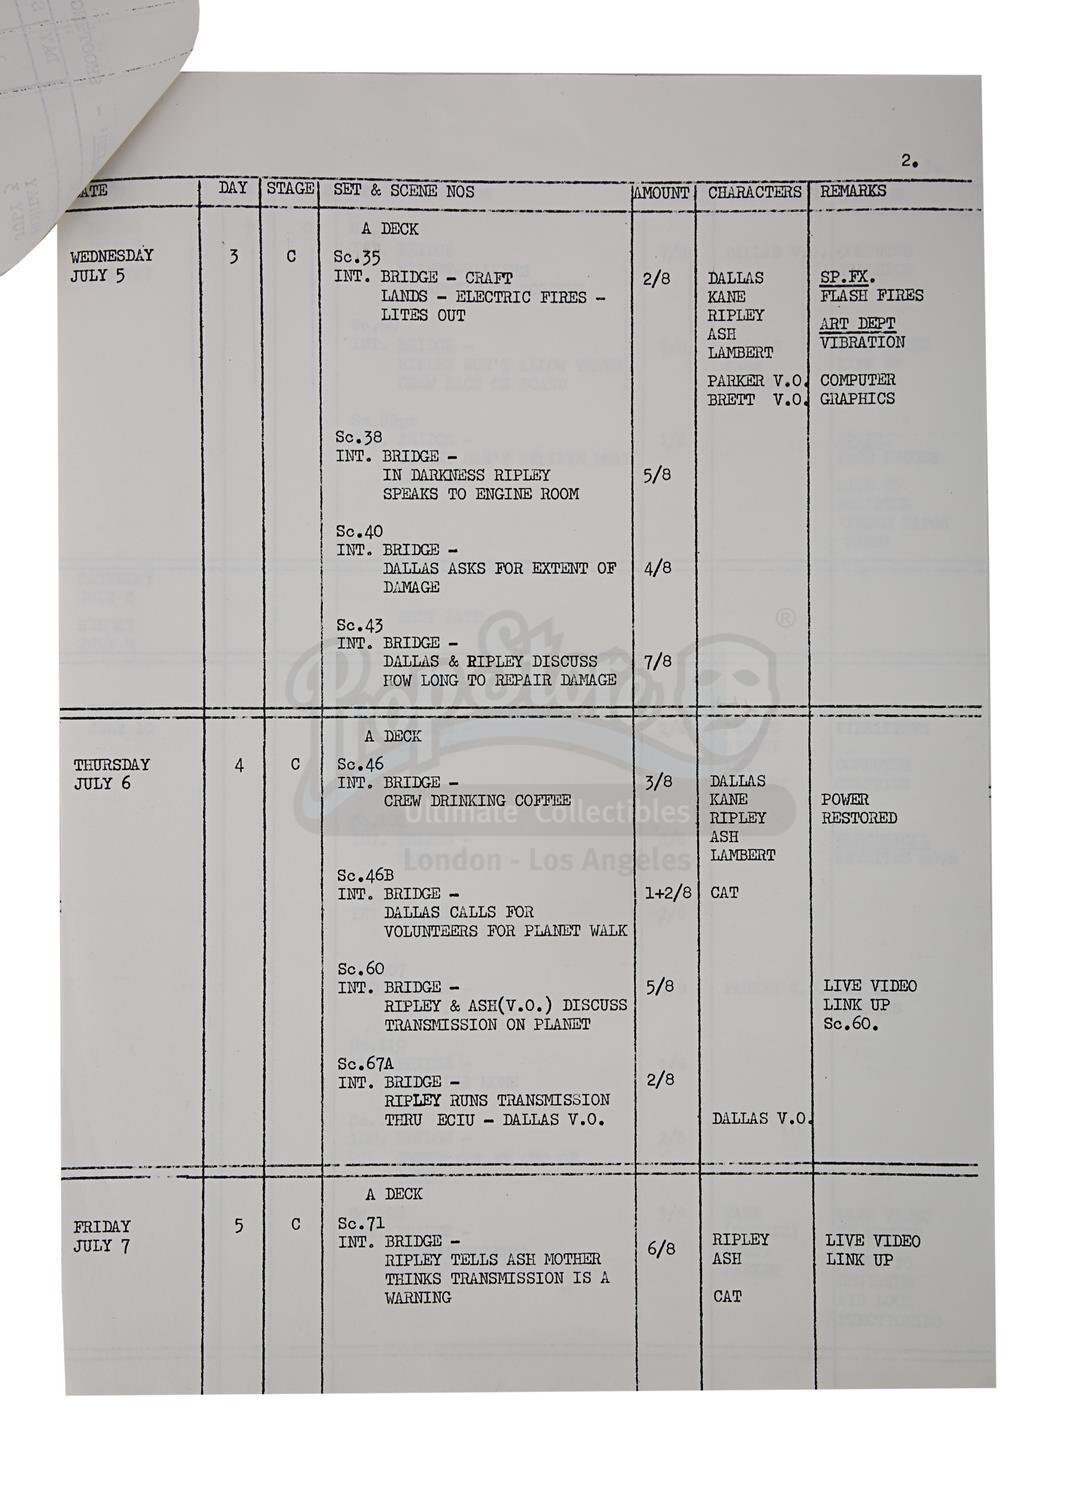 ALIEN (1979) - Prop Department Rake and Shooting Schedule - Image 11 of 11